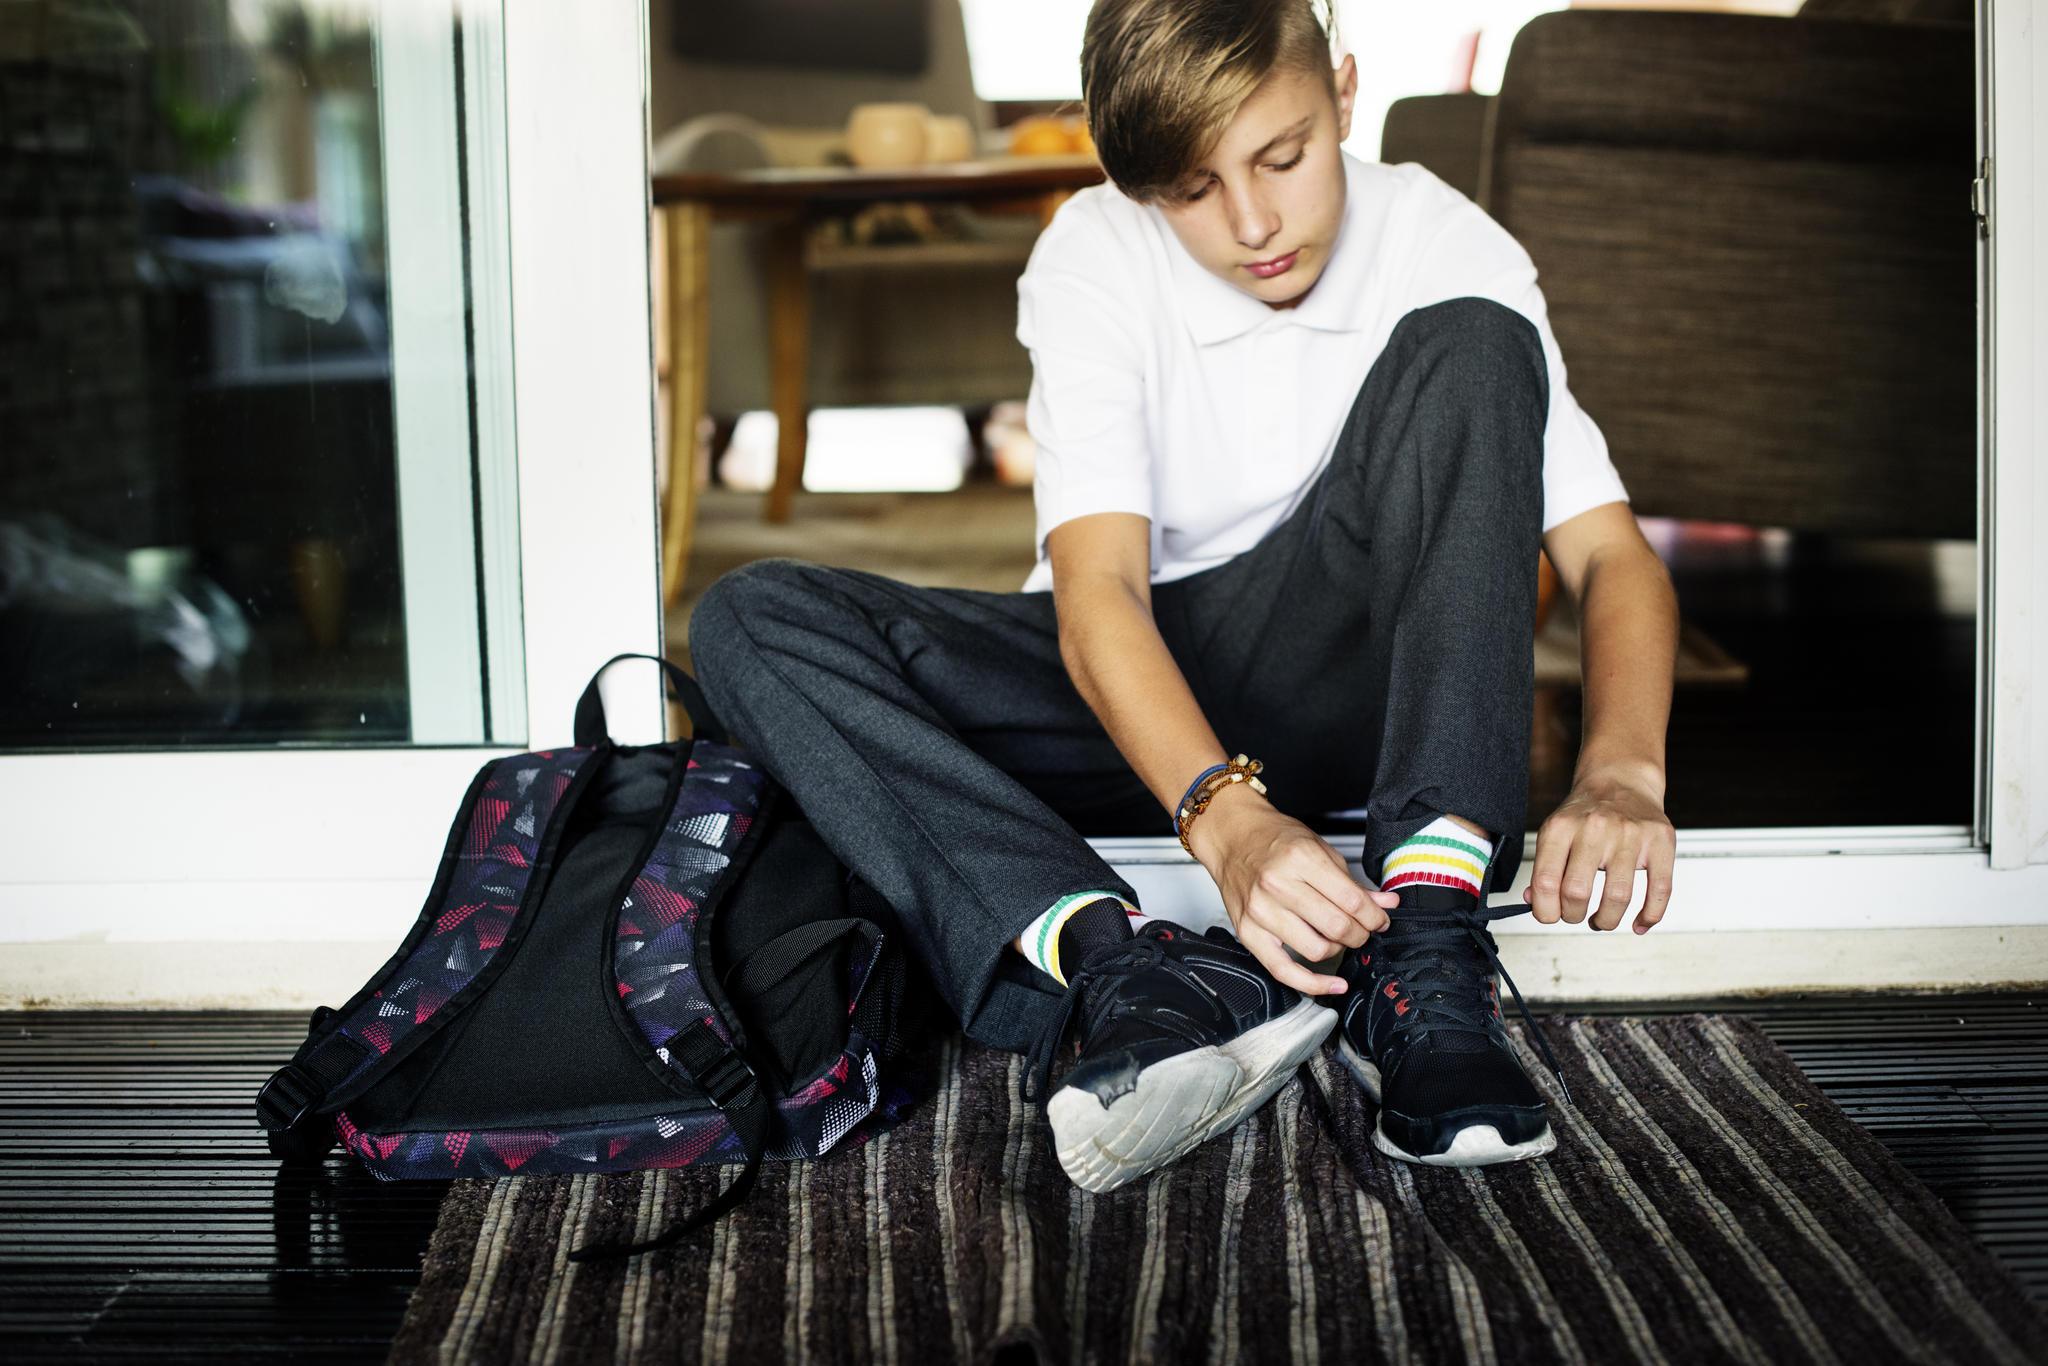 Junge bindet Turnschuhe (Symbolbild)